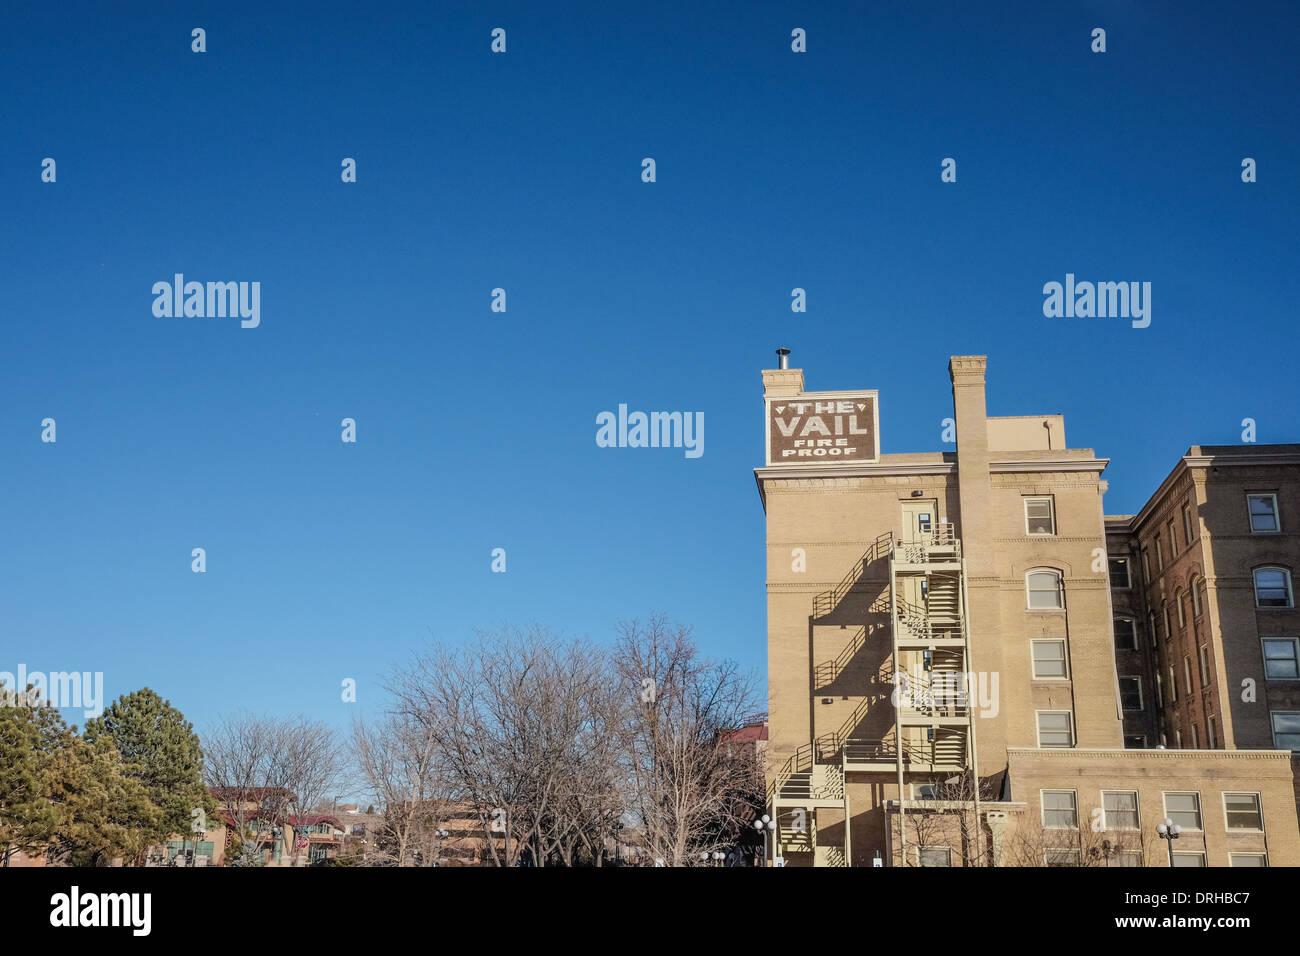 The Vail Fire Proof Hotel in Pueblo, Colorado. - Stock Image